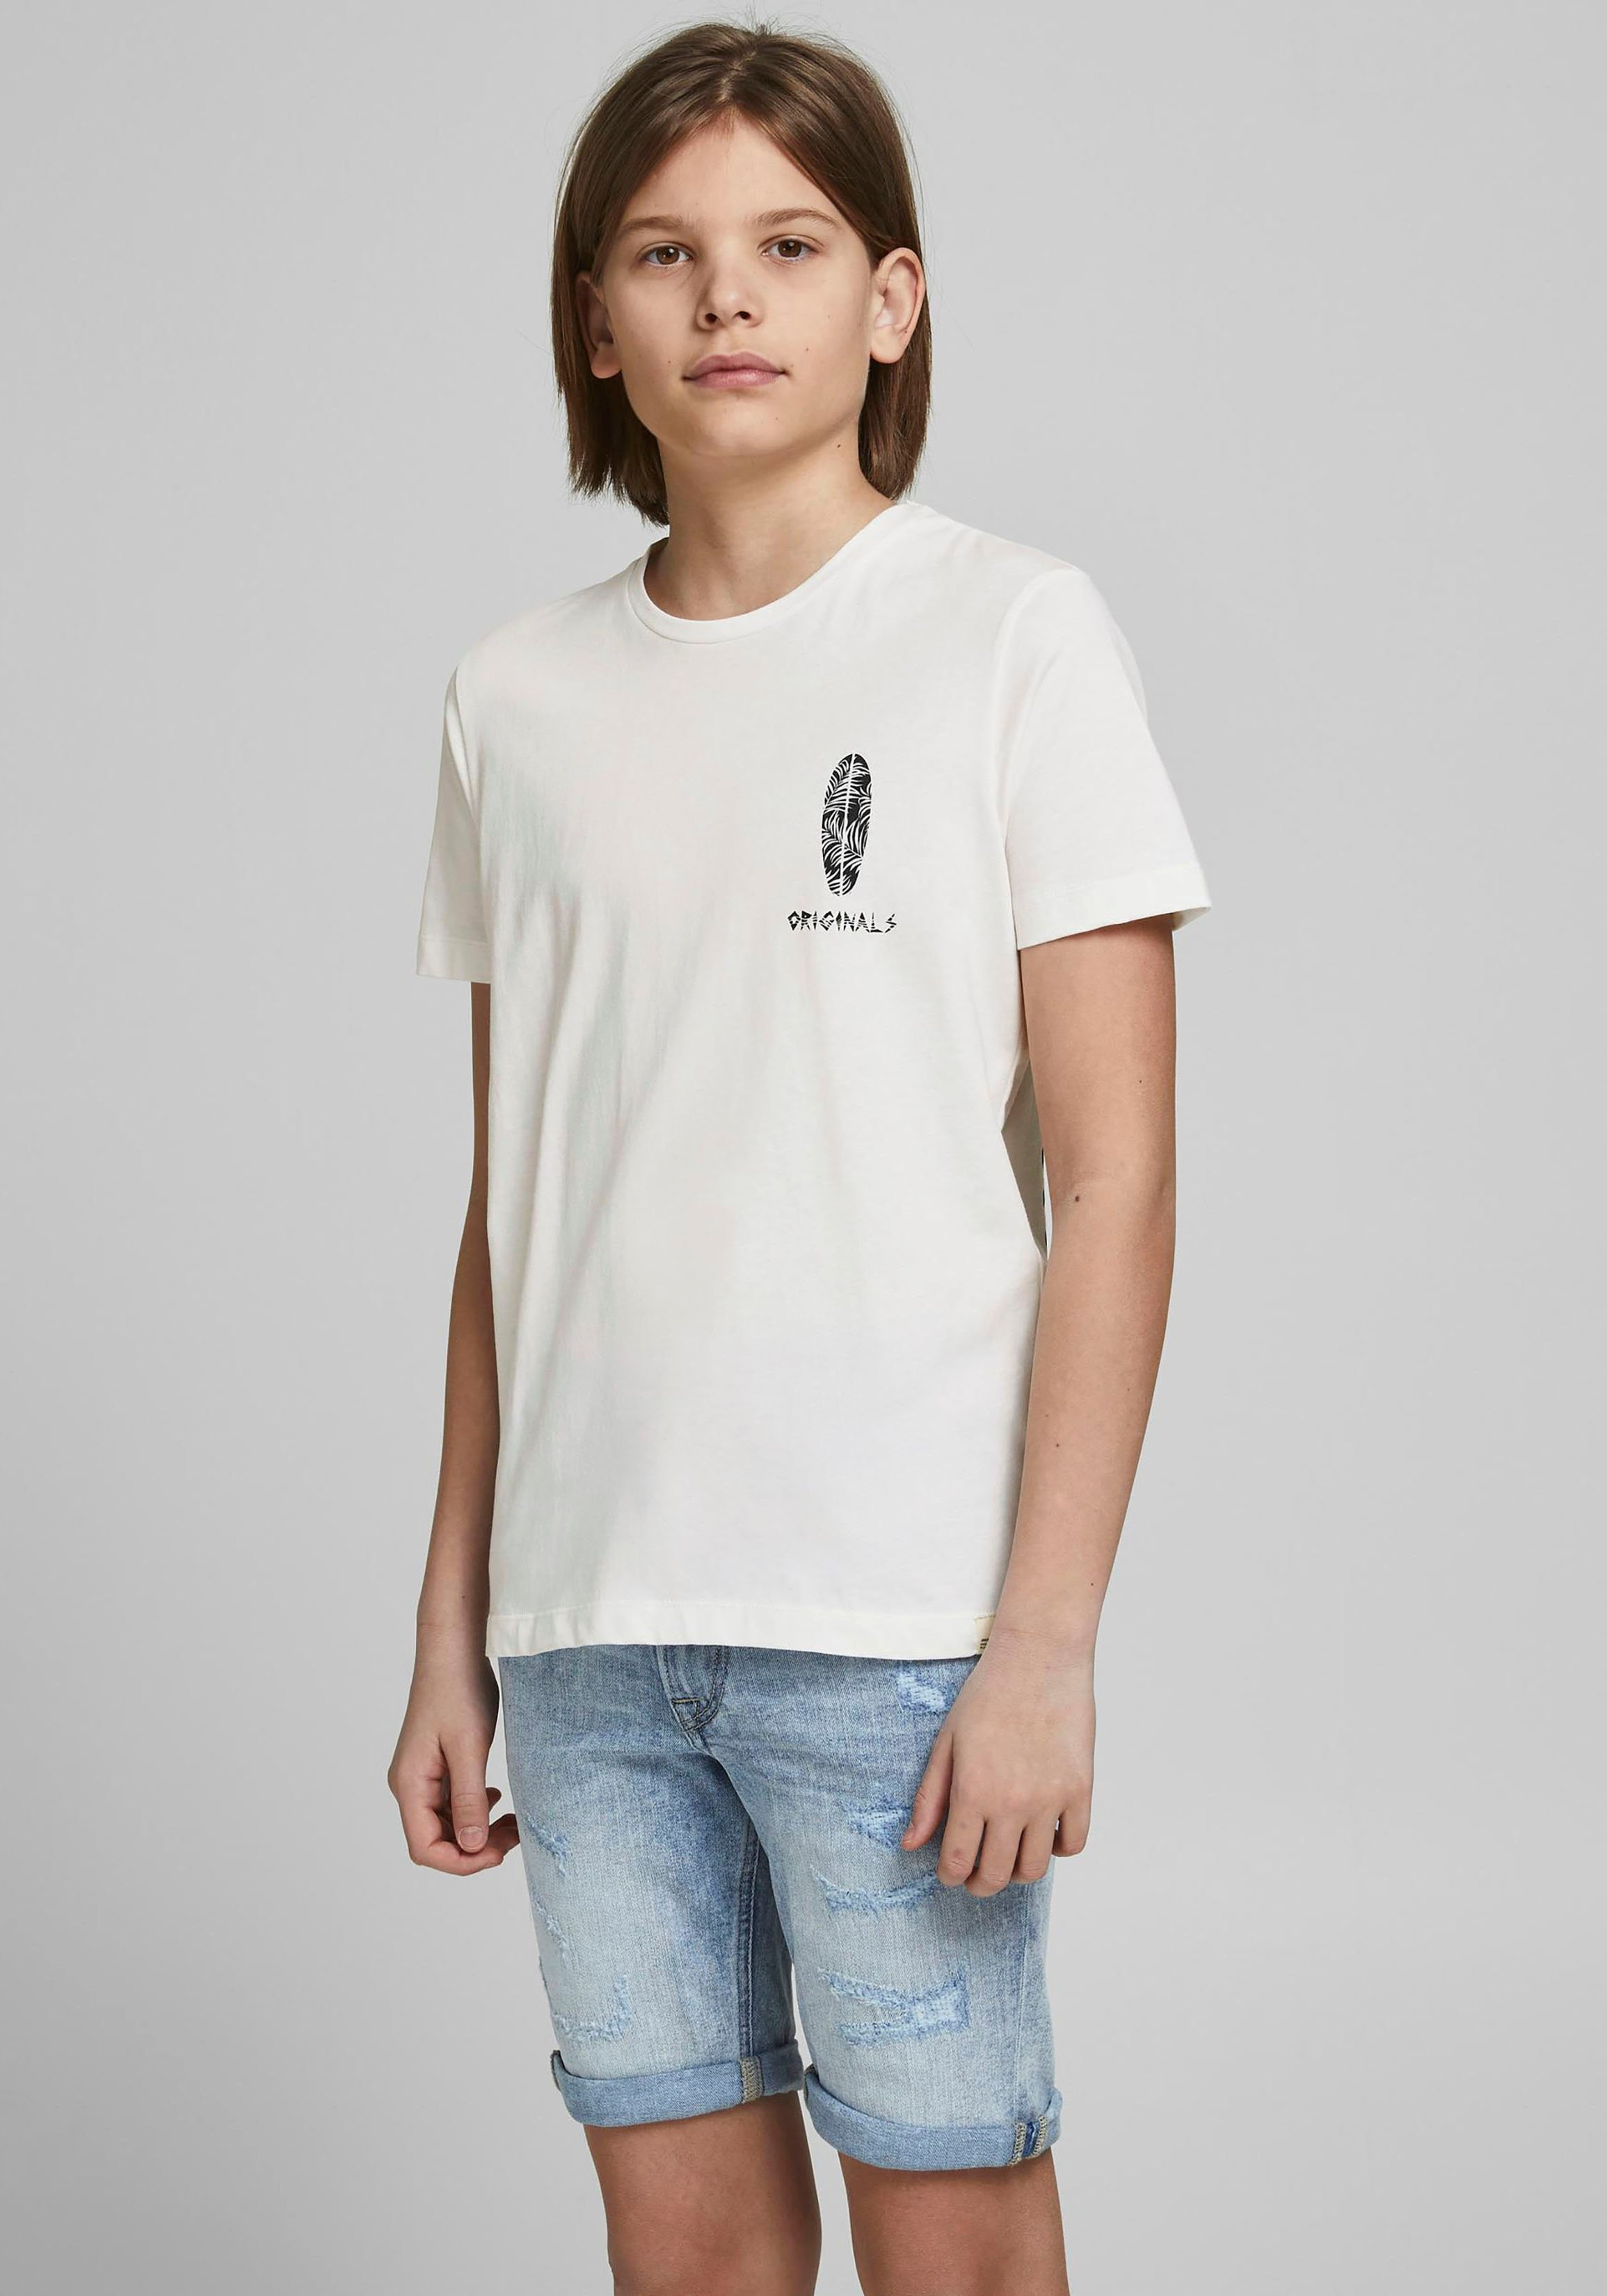 Jack & Jones Junior T-shirt GOOD VIBES veilig op otto.nl kopen